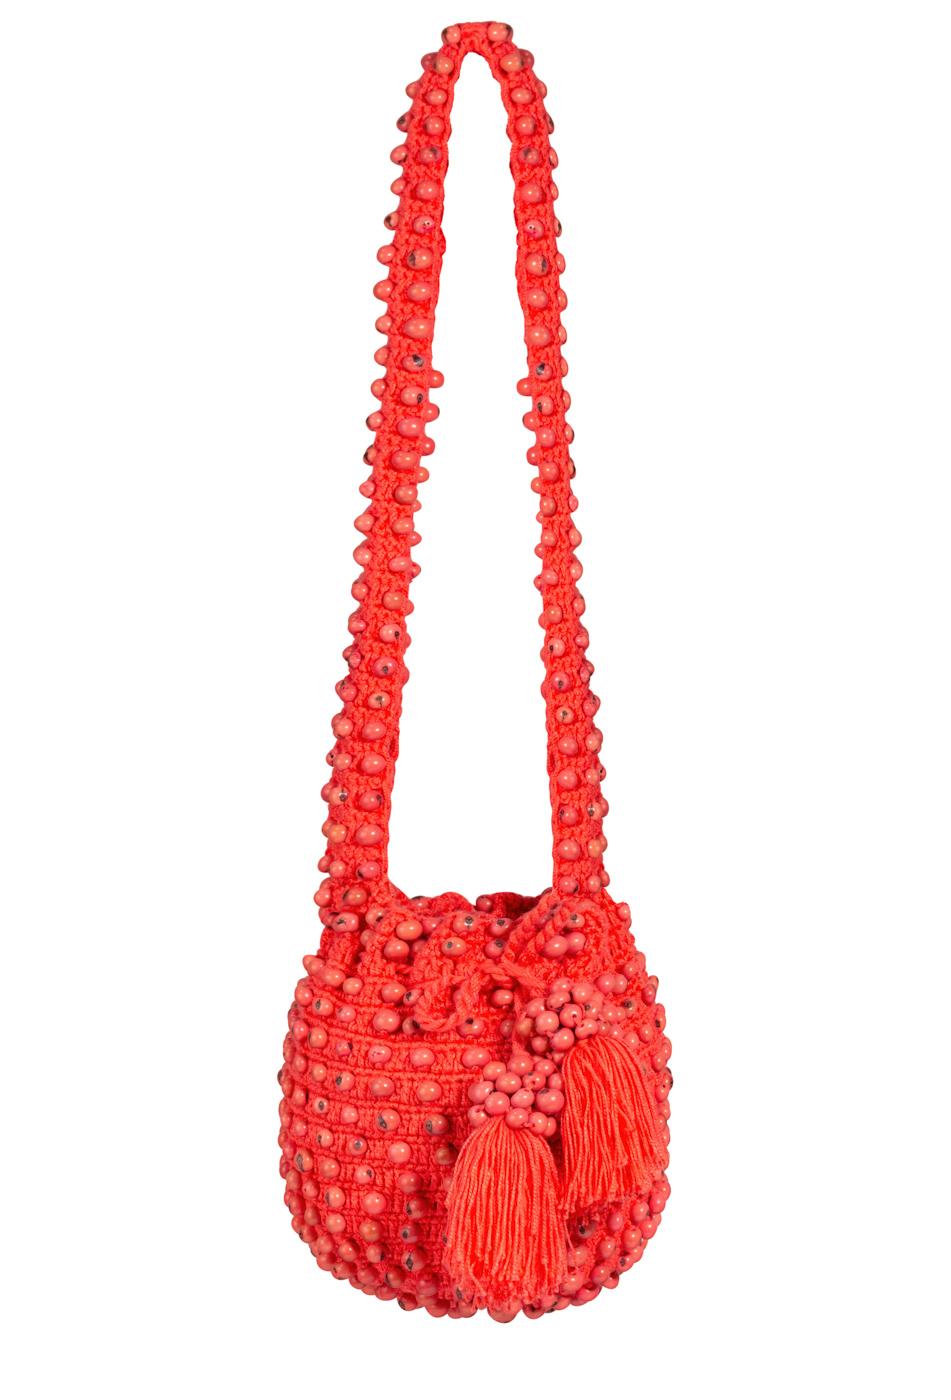 Mochila crochet tagua coral